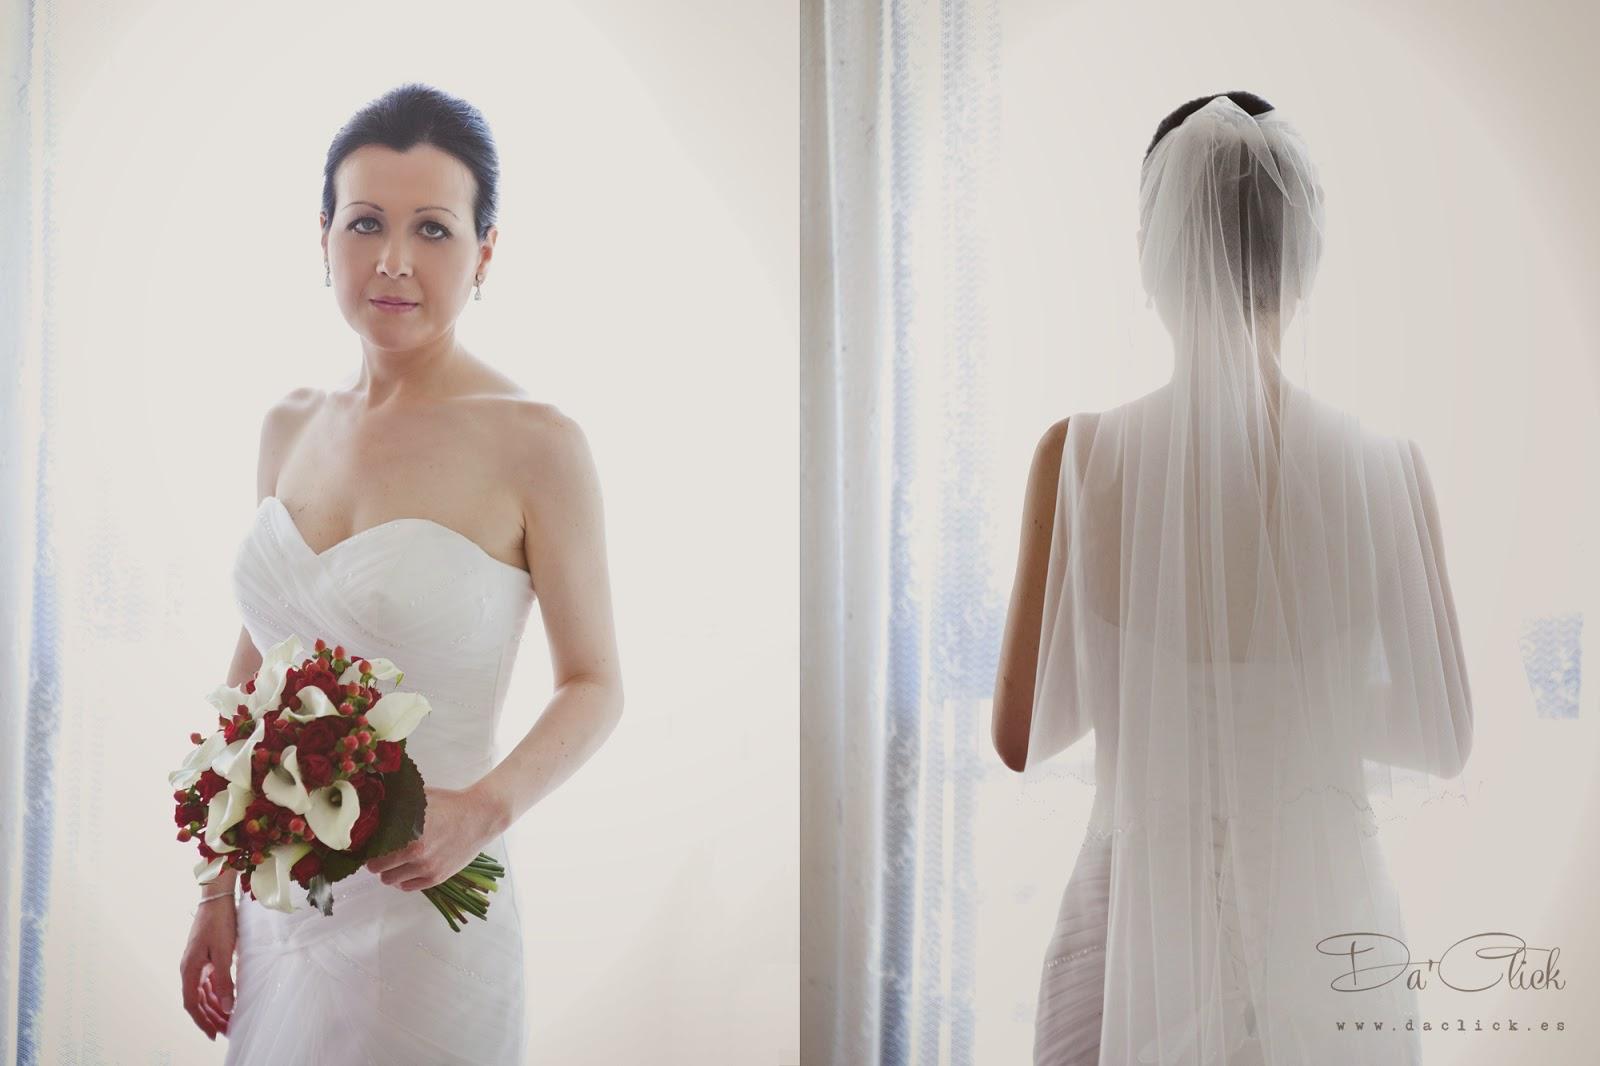 vestido de novia Rosa Clará  por delante y por detrás , ramo de flores de novia